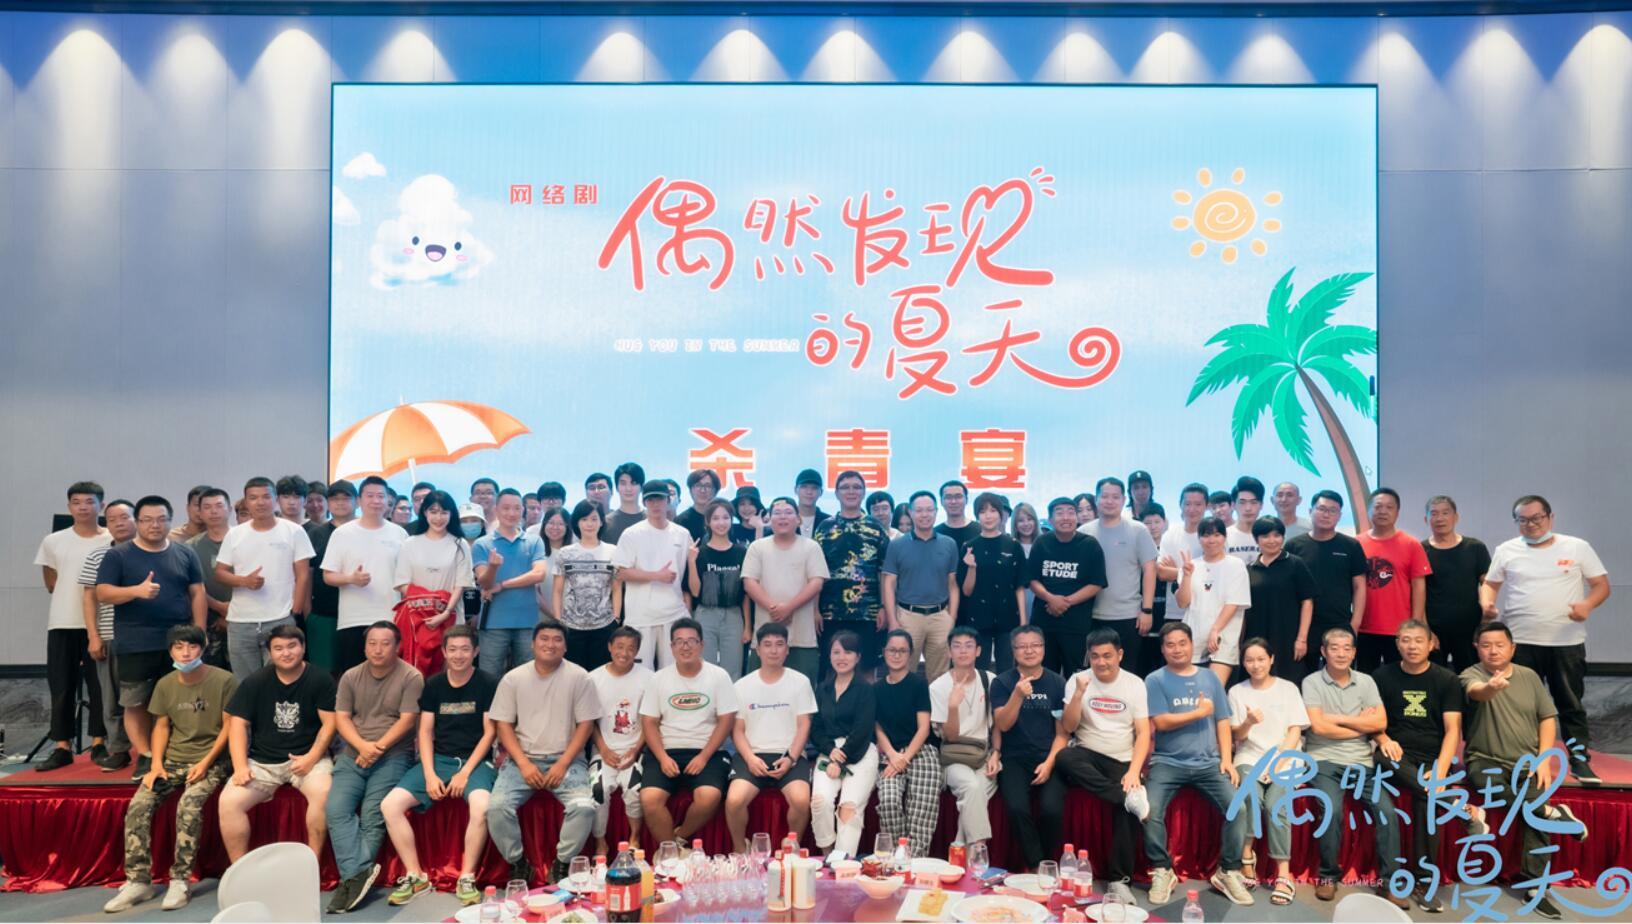 《偶然发现的夏天》在宁波杀青 众主演诠释青春成长